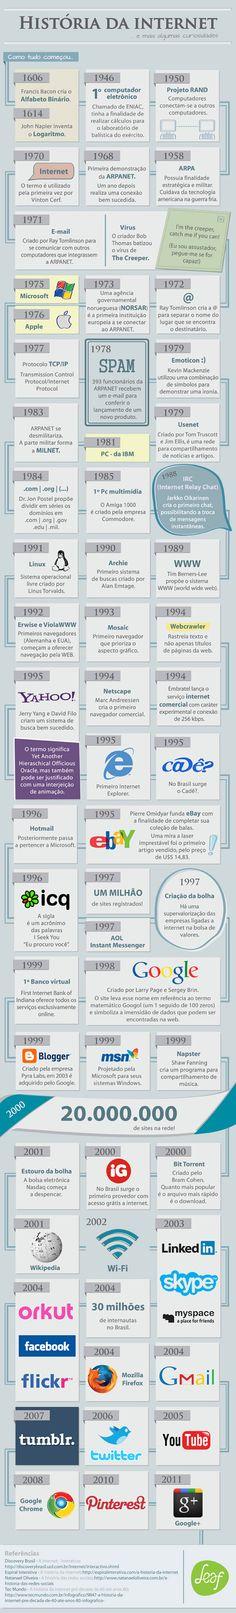 O site Leaf produziu um infográfico que conta a história da internet, da criação do alfabeto binário e o logaritmo, que são as bases da computação, até a criação da plataforma Google+.